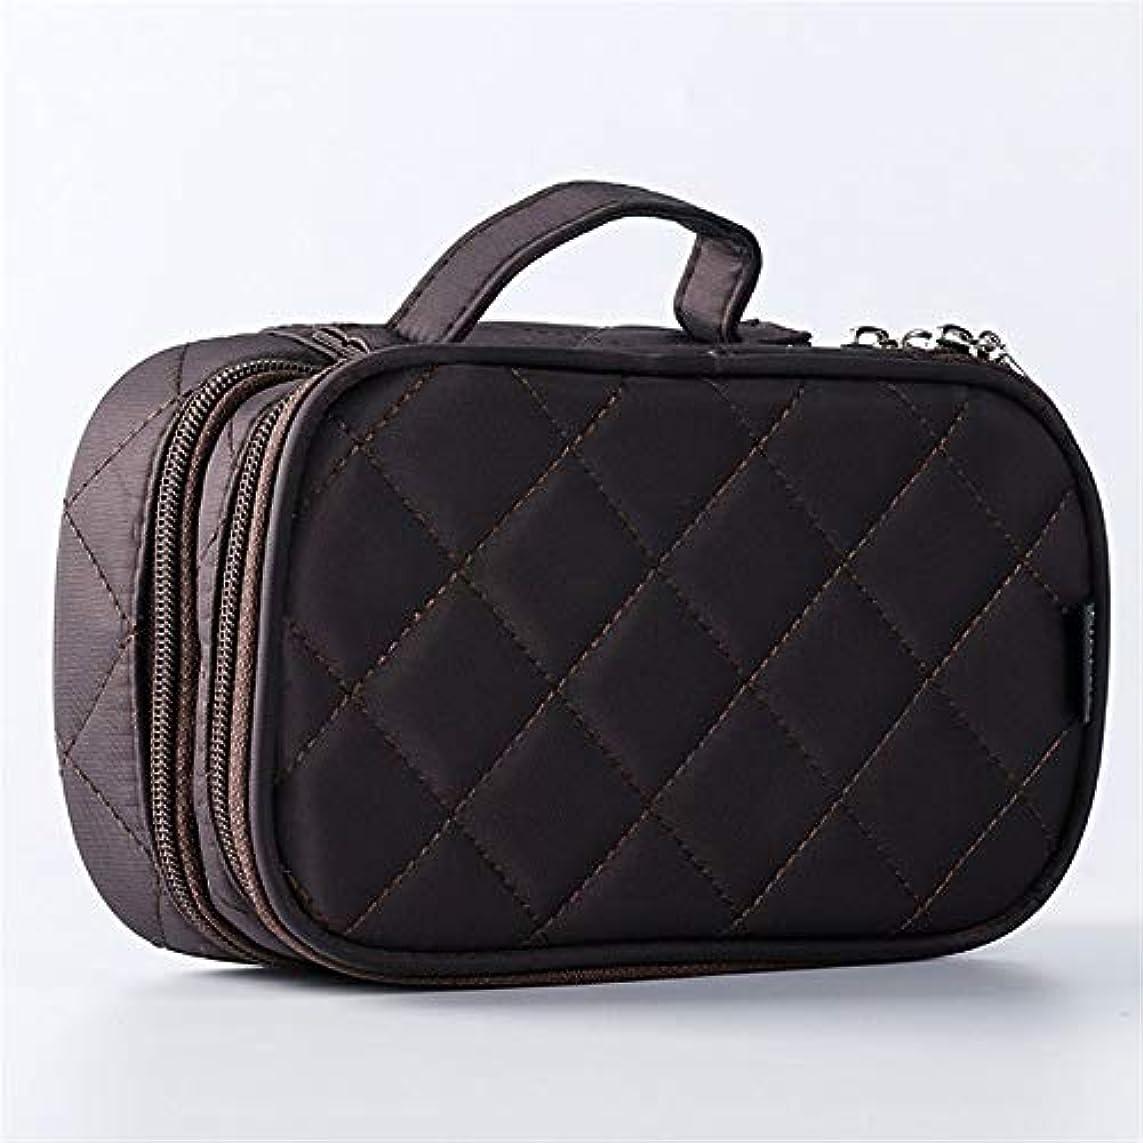 邪魔する実証する一部特大スペース収納ビューティーボックス 旅行化粧品の箱、化粧品の箱およびコンパートメントが付いている専門の化粧品の化粧品袋の収納箱、透明で透明な網。 化粧品化粧台 (色 : 褐色)